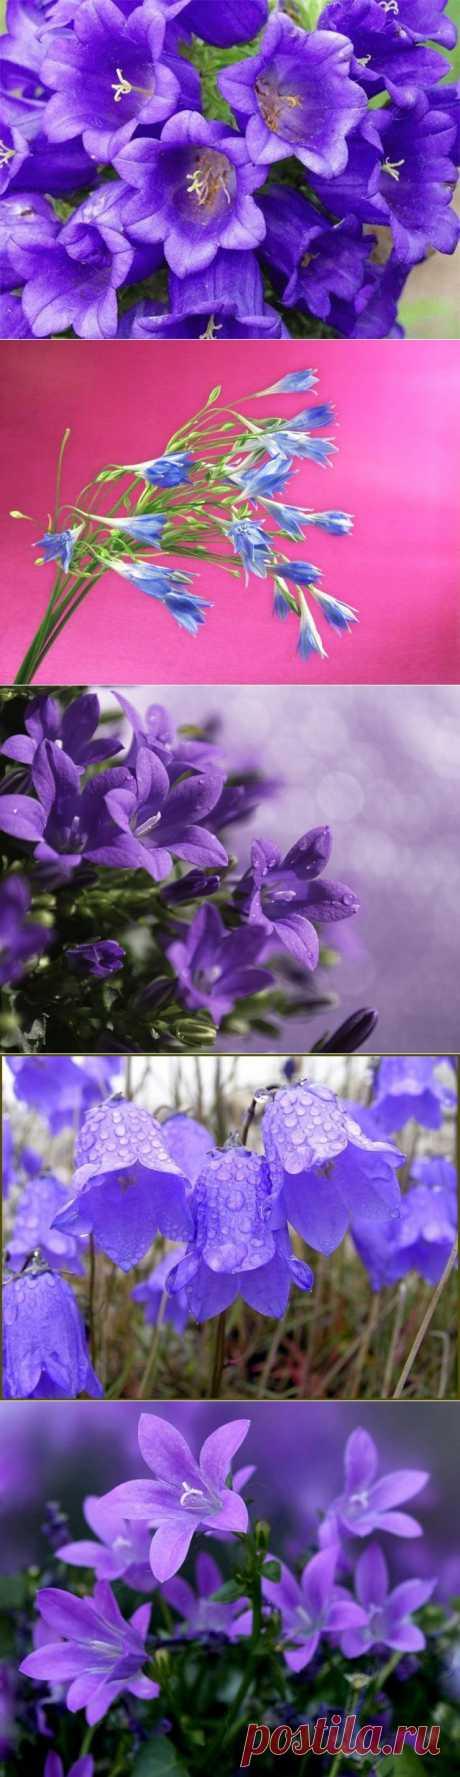 фото цветы колокольчики: